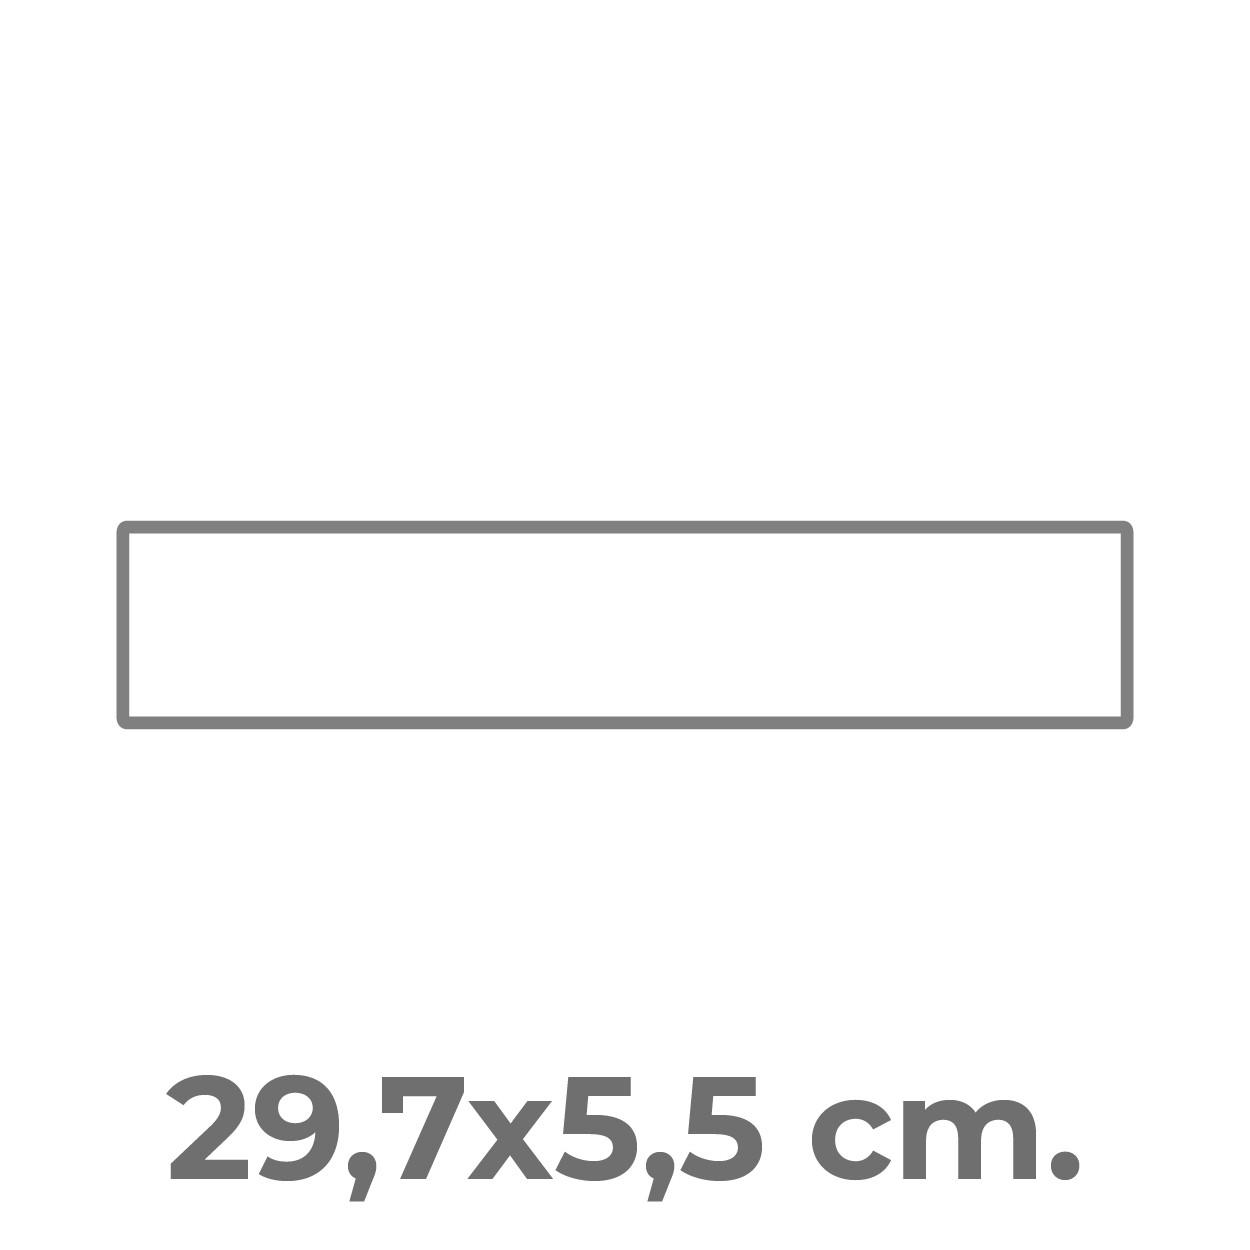 29,7x5,5 cm